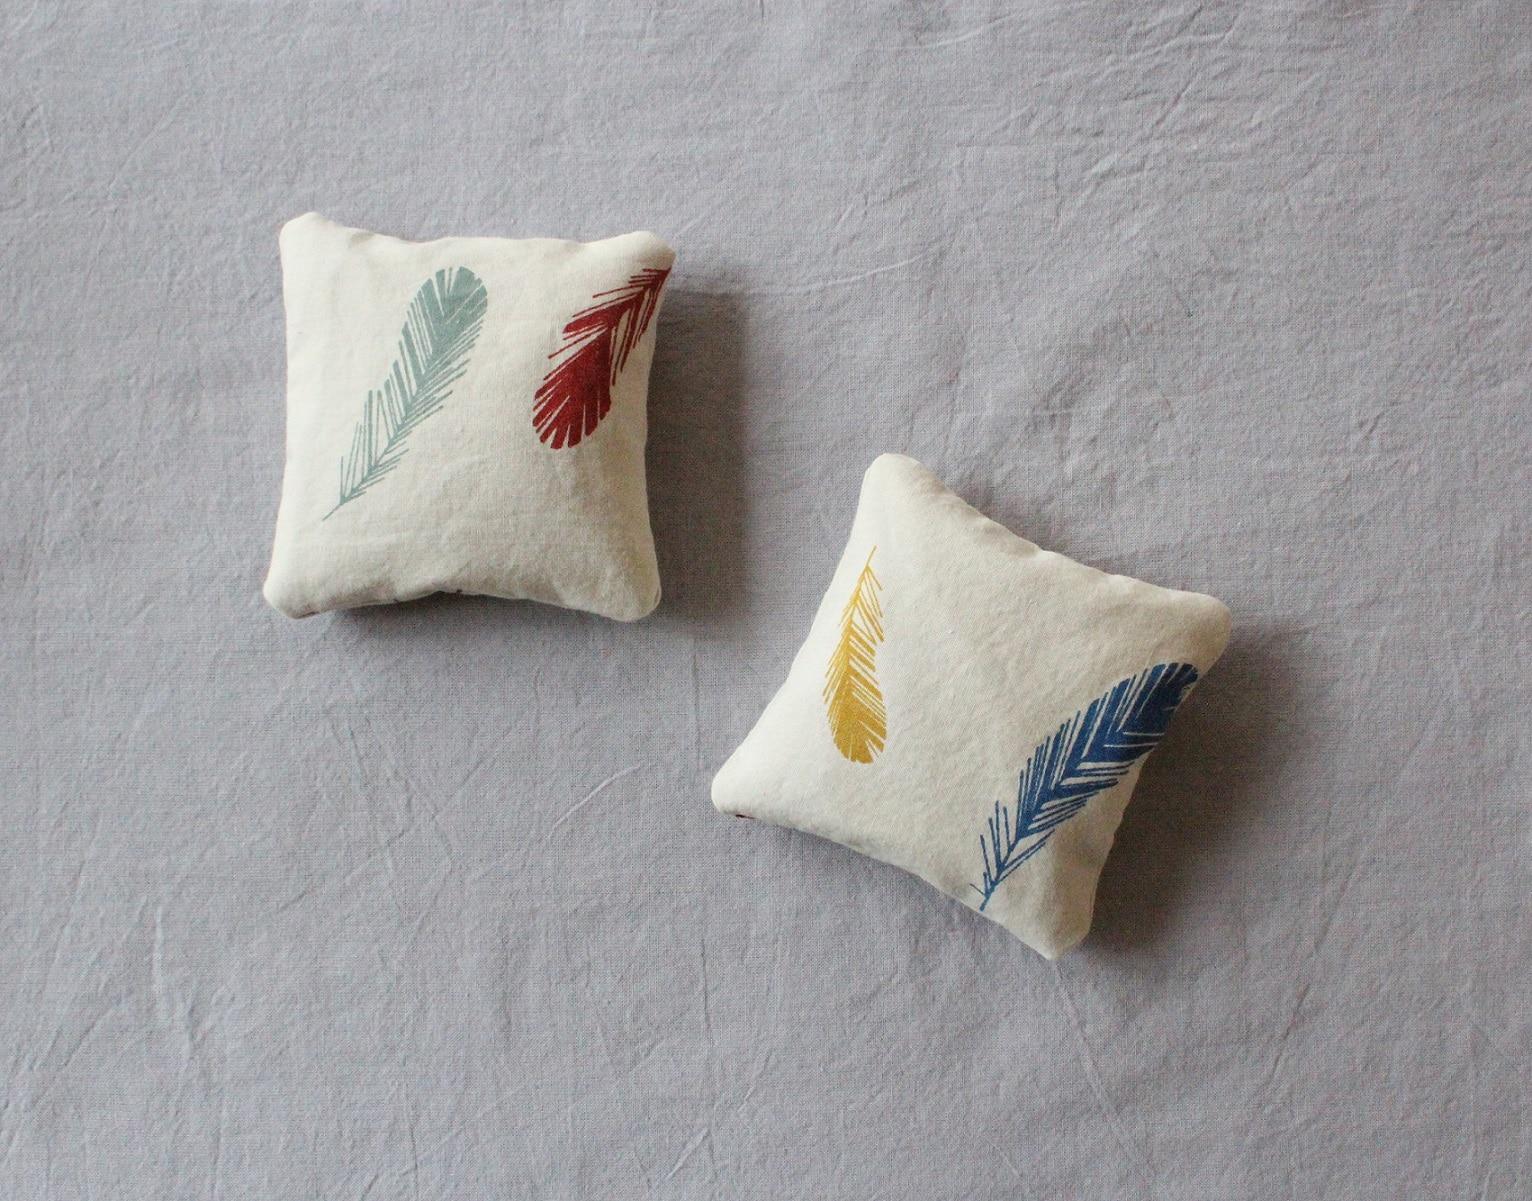 Fabric Hand Warmers